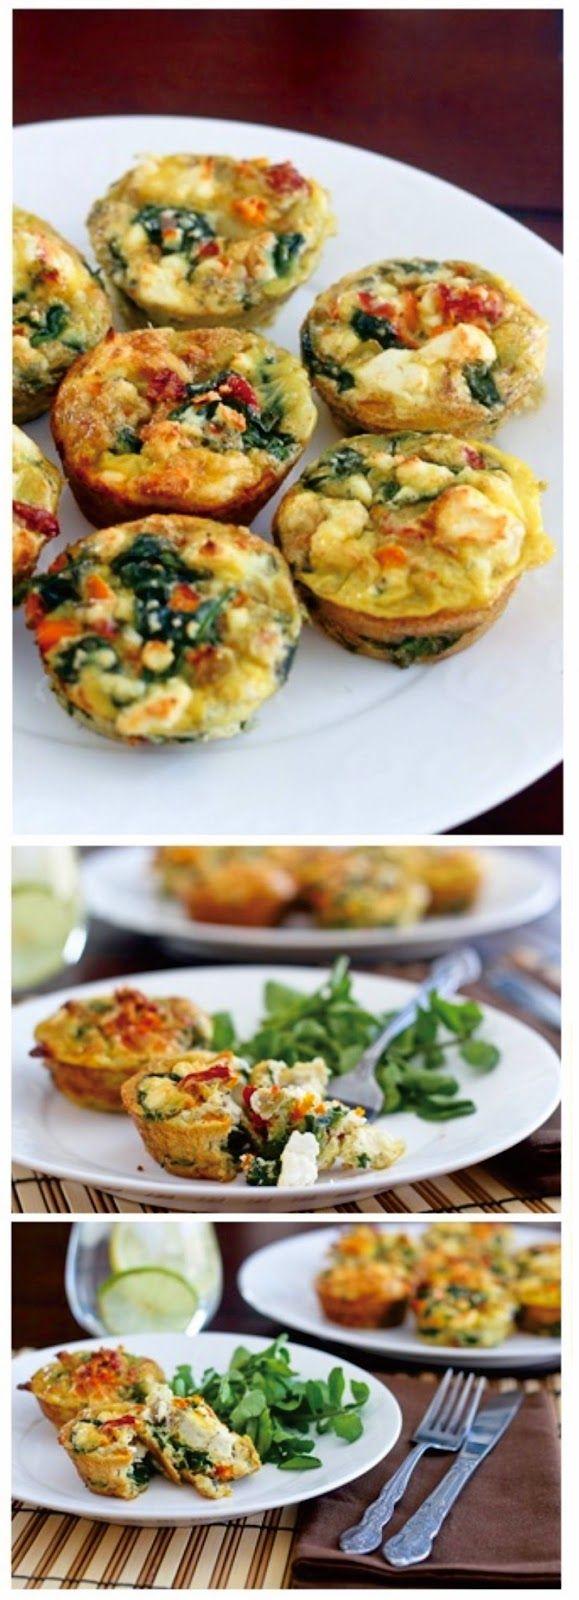 Spinach, Sundried Tomatoes and Feta Frittata Bites | Kitchen Vista's